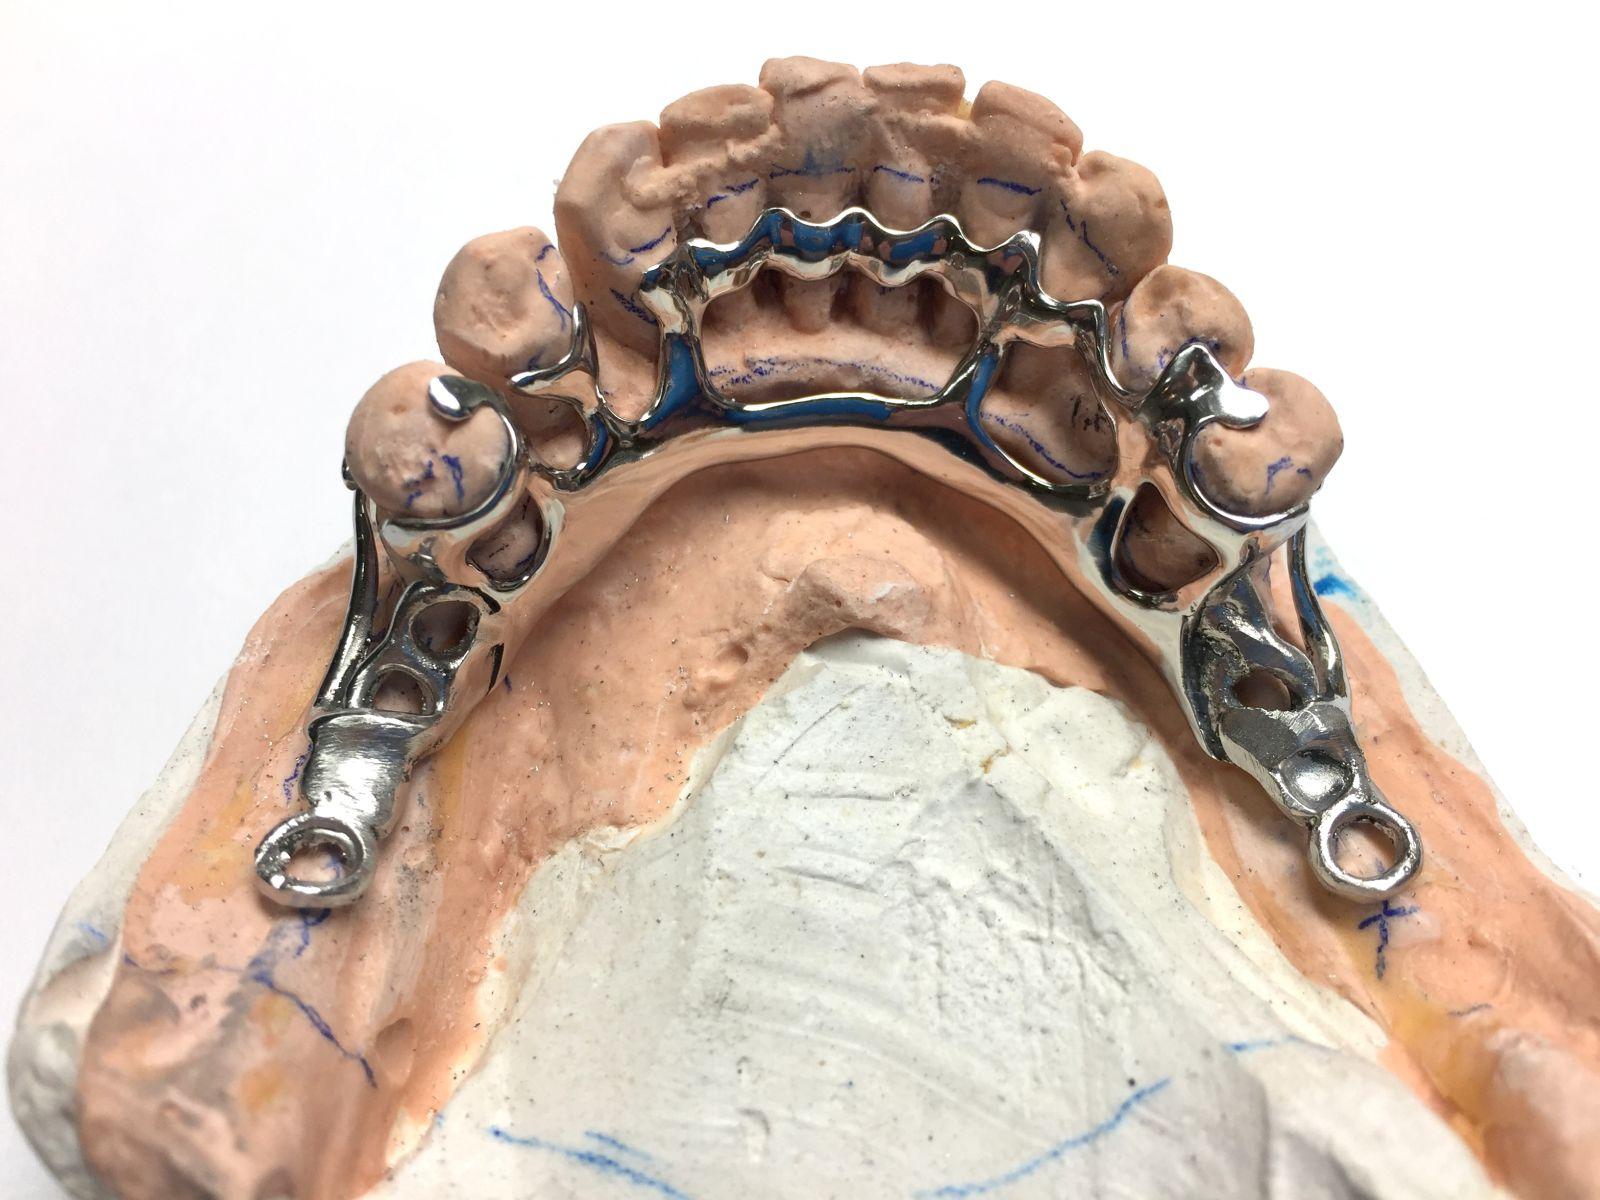 proteza szkieletowa gdansk - Protezy szkieletowe